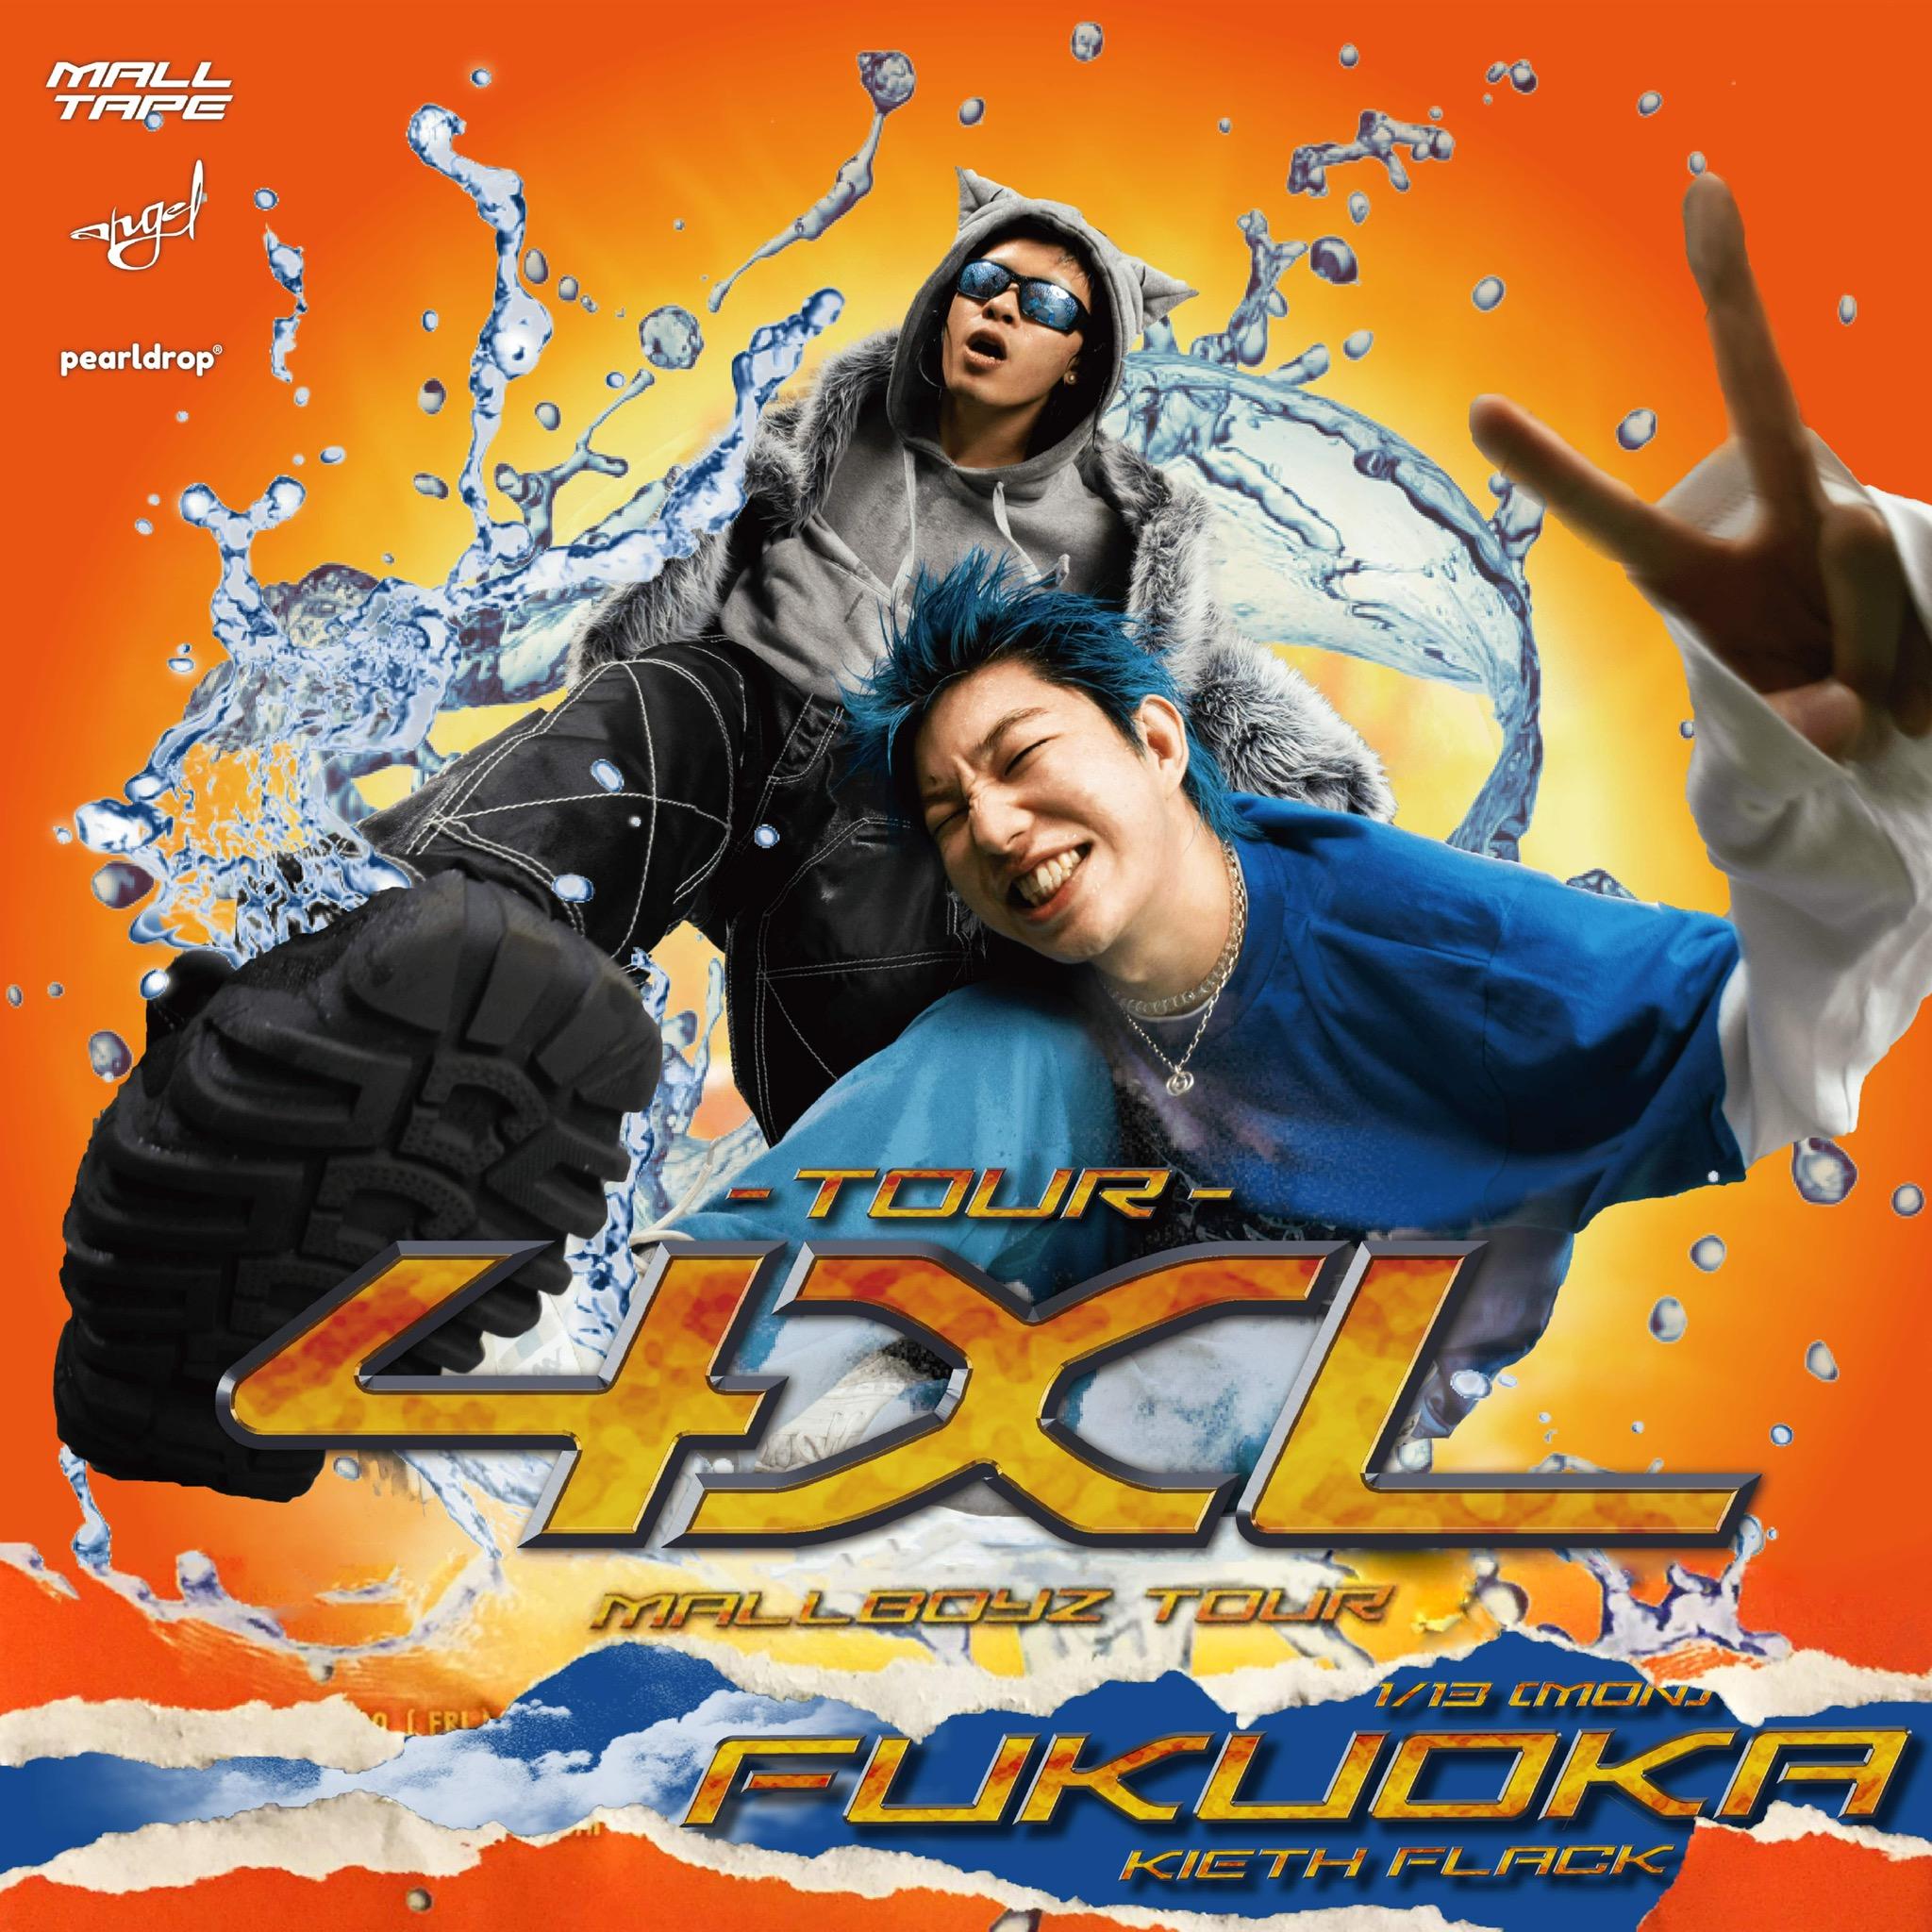 4XL TOUR IN FUKUOKA